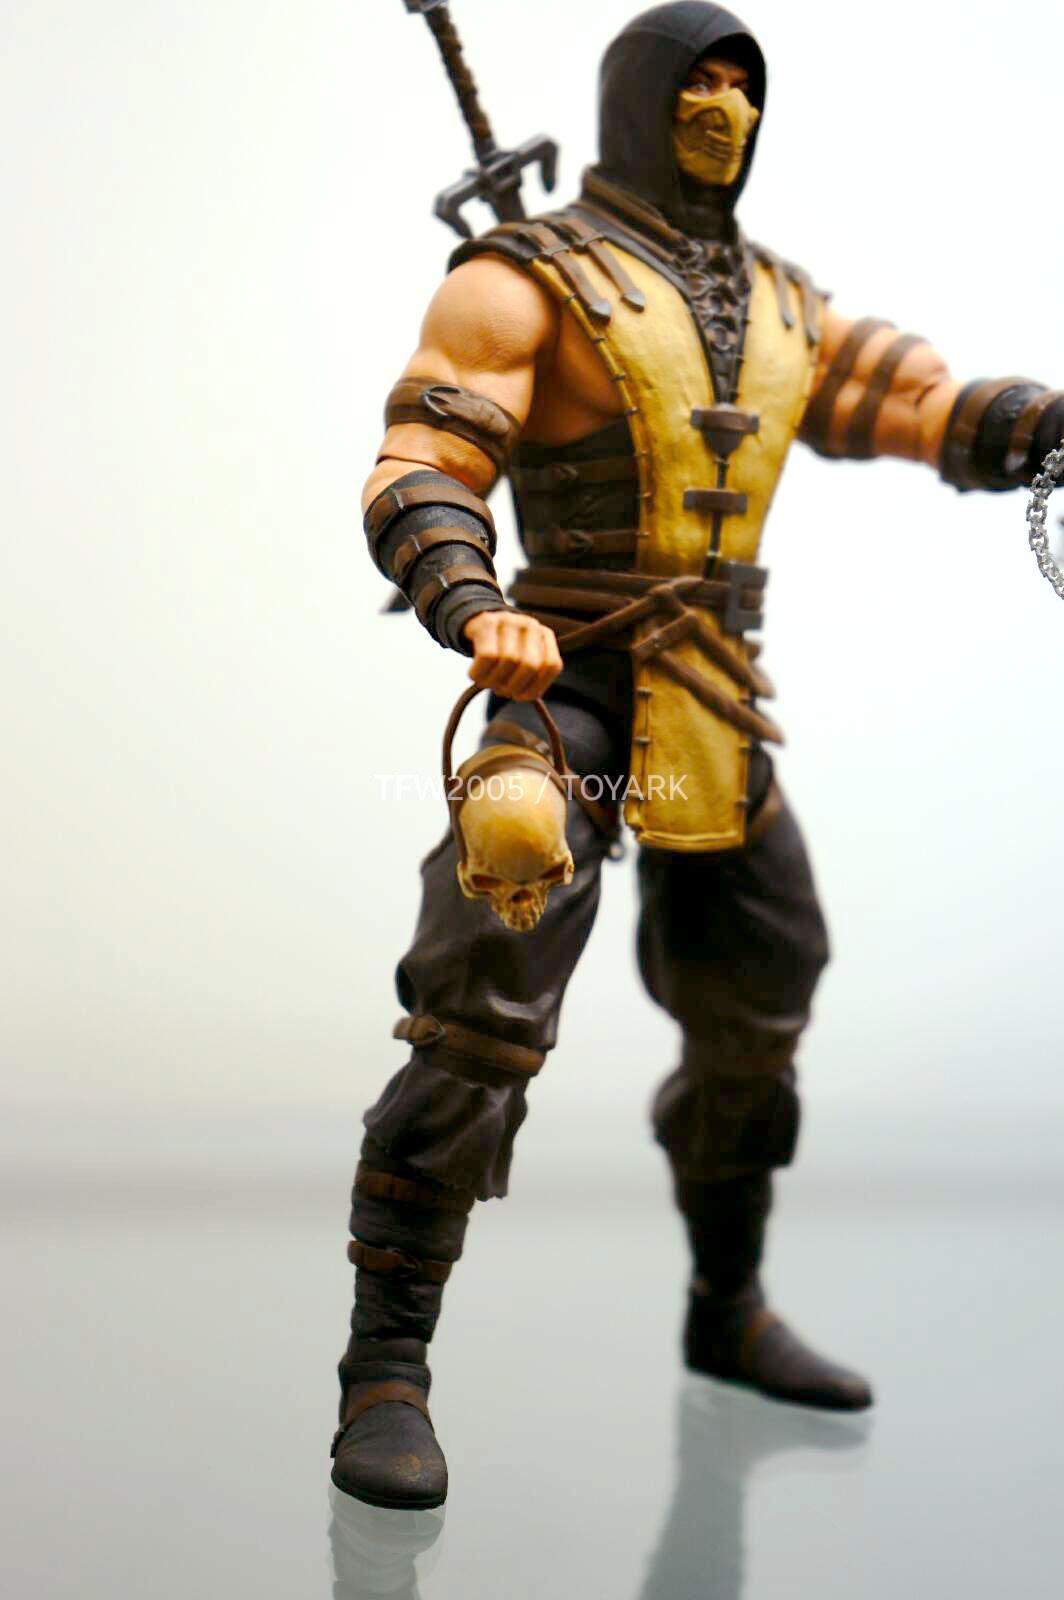 [NYCC 2014] MEZCO - 6-Inch Mortal Kombat X Figures NYCC-2014-Mezco-Mortal-Kombat-X-010